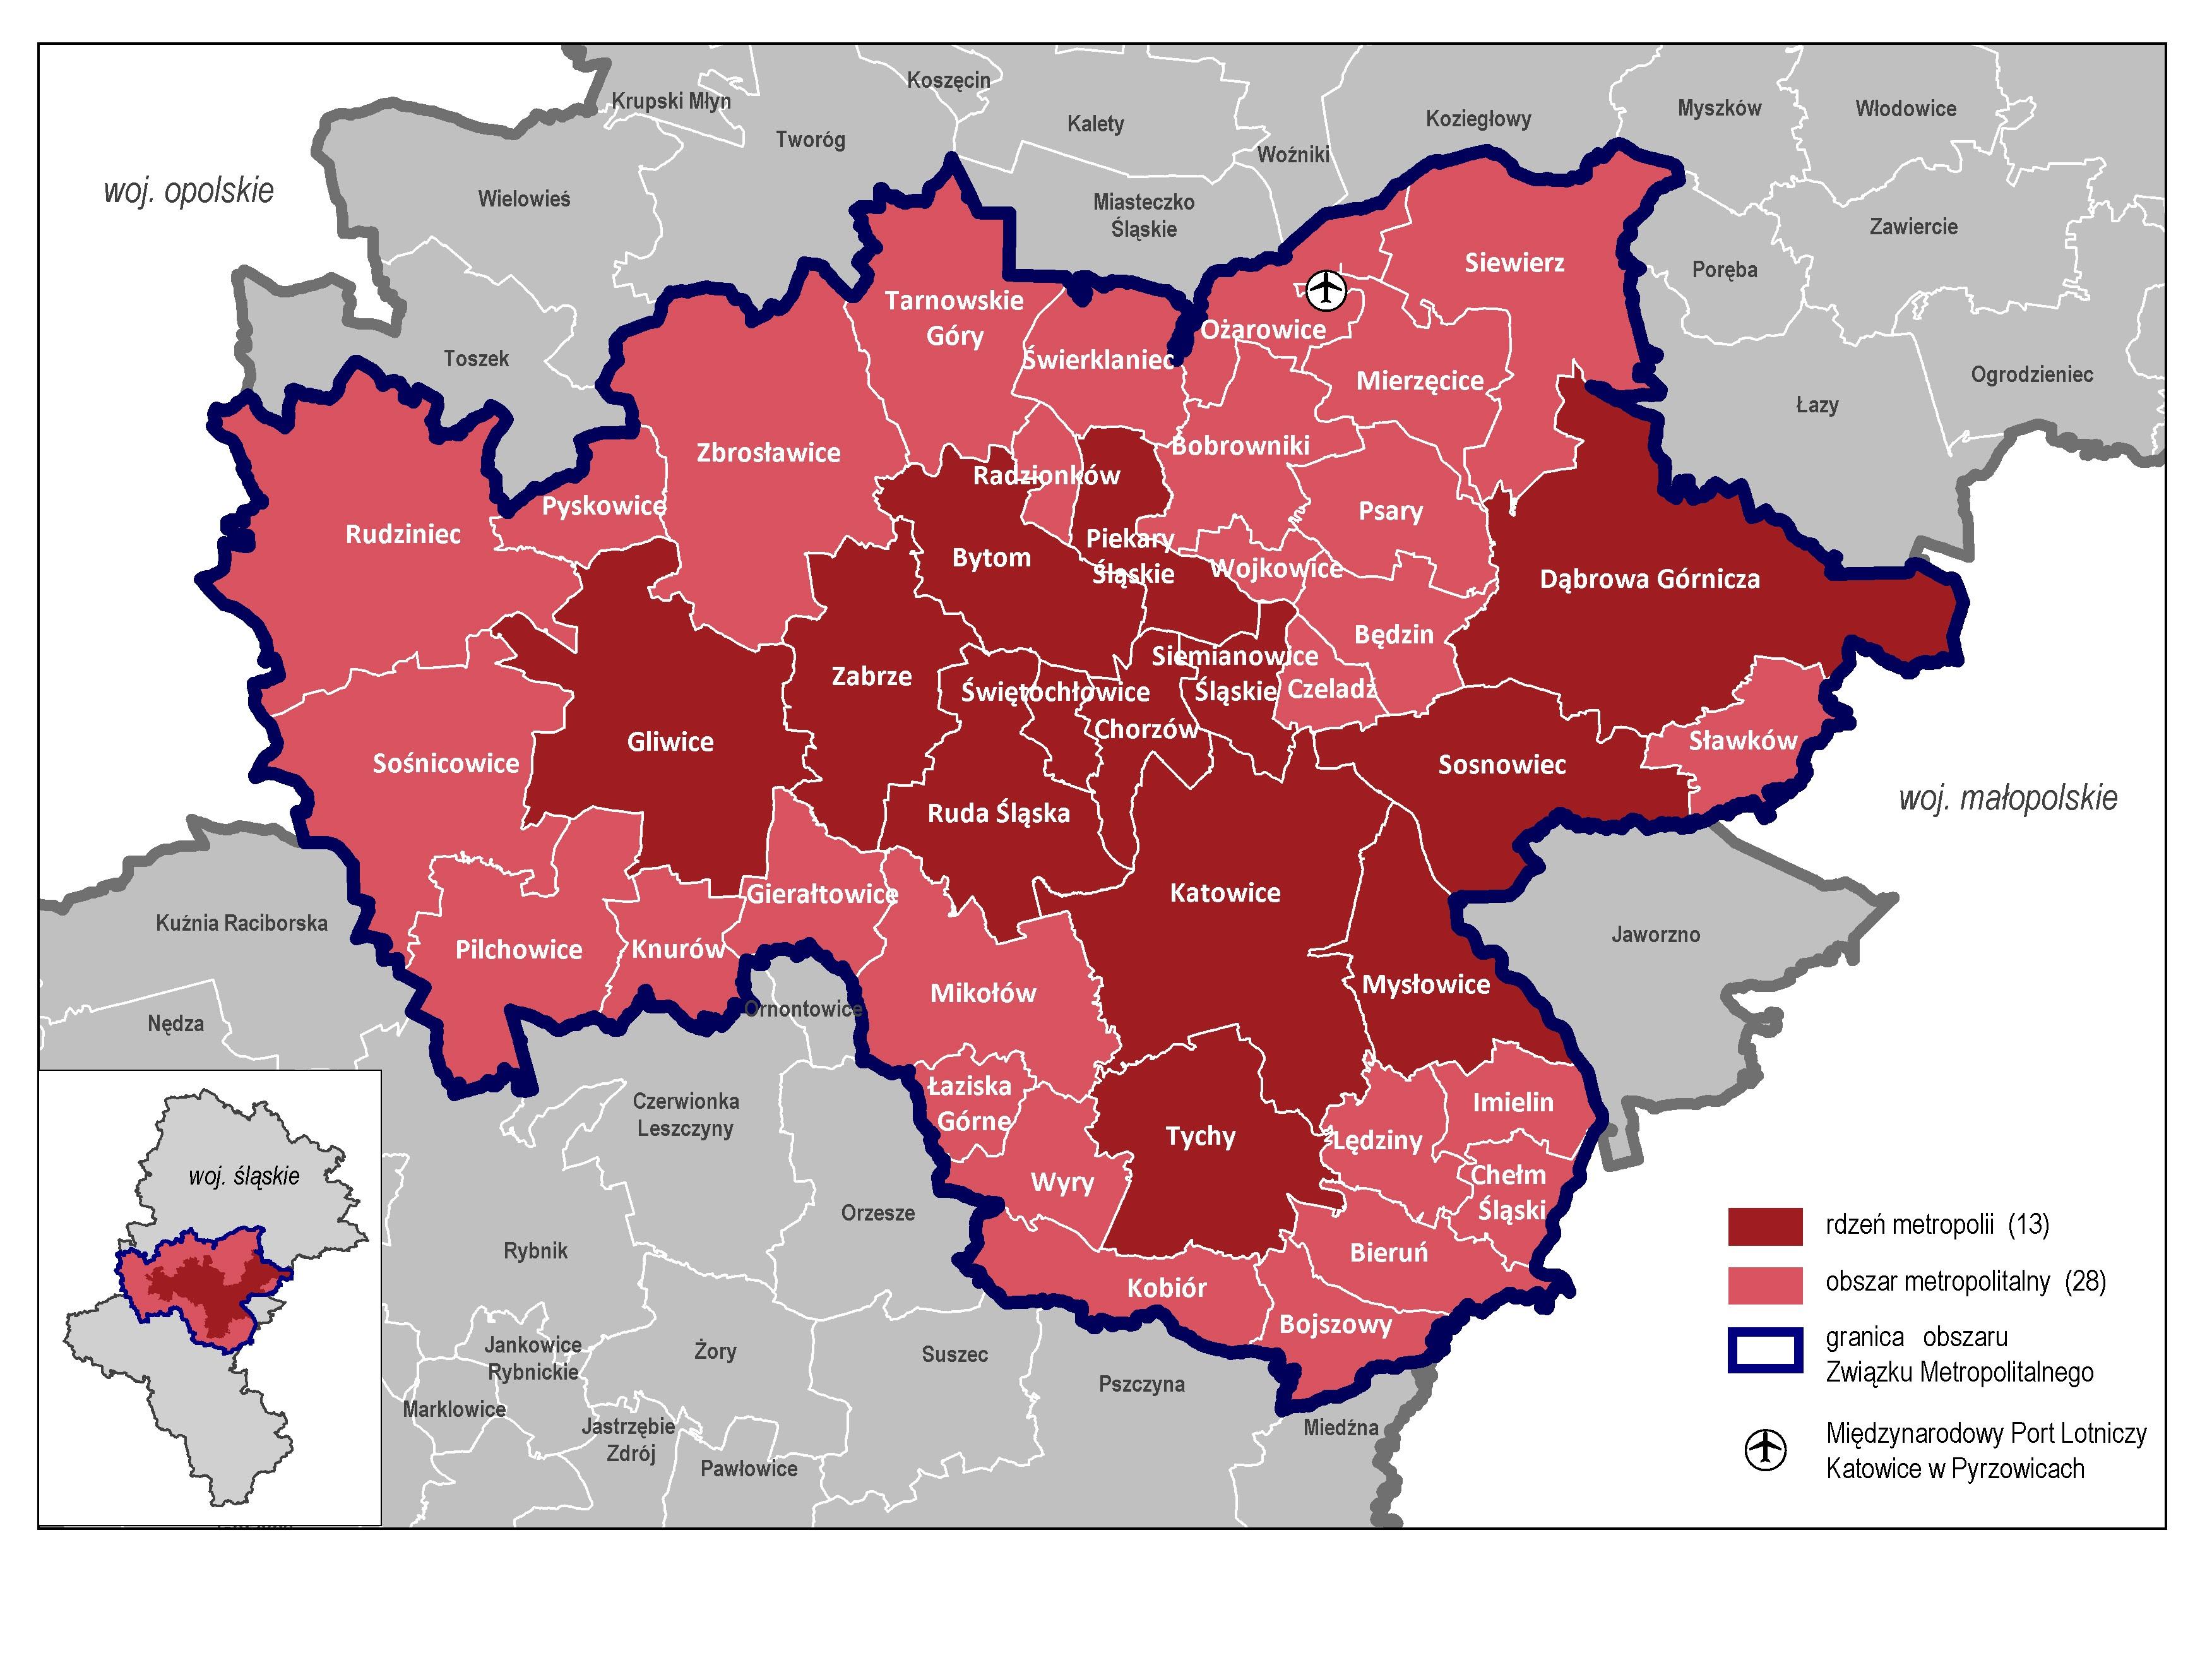 Górnośląsko-Zagłębiowską Metropolię tworzy 41 gmin województwa śląskiego. (fot. GZM)